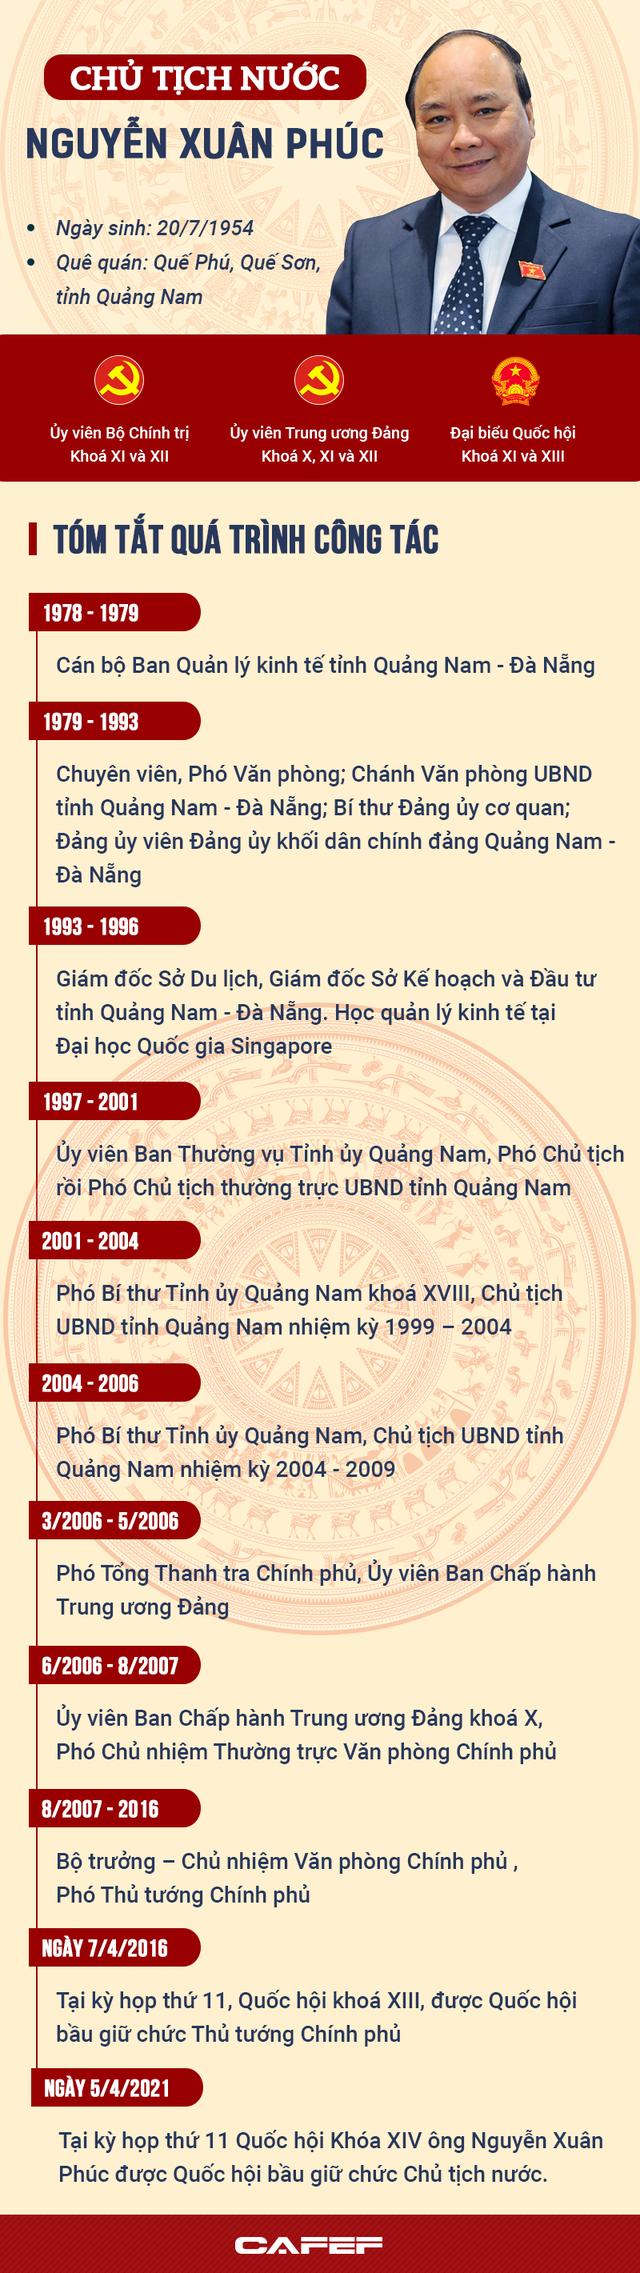 Chân dung tân Chủ tịch nước Nguyễn Xuân Phúc - Ảnh 1.